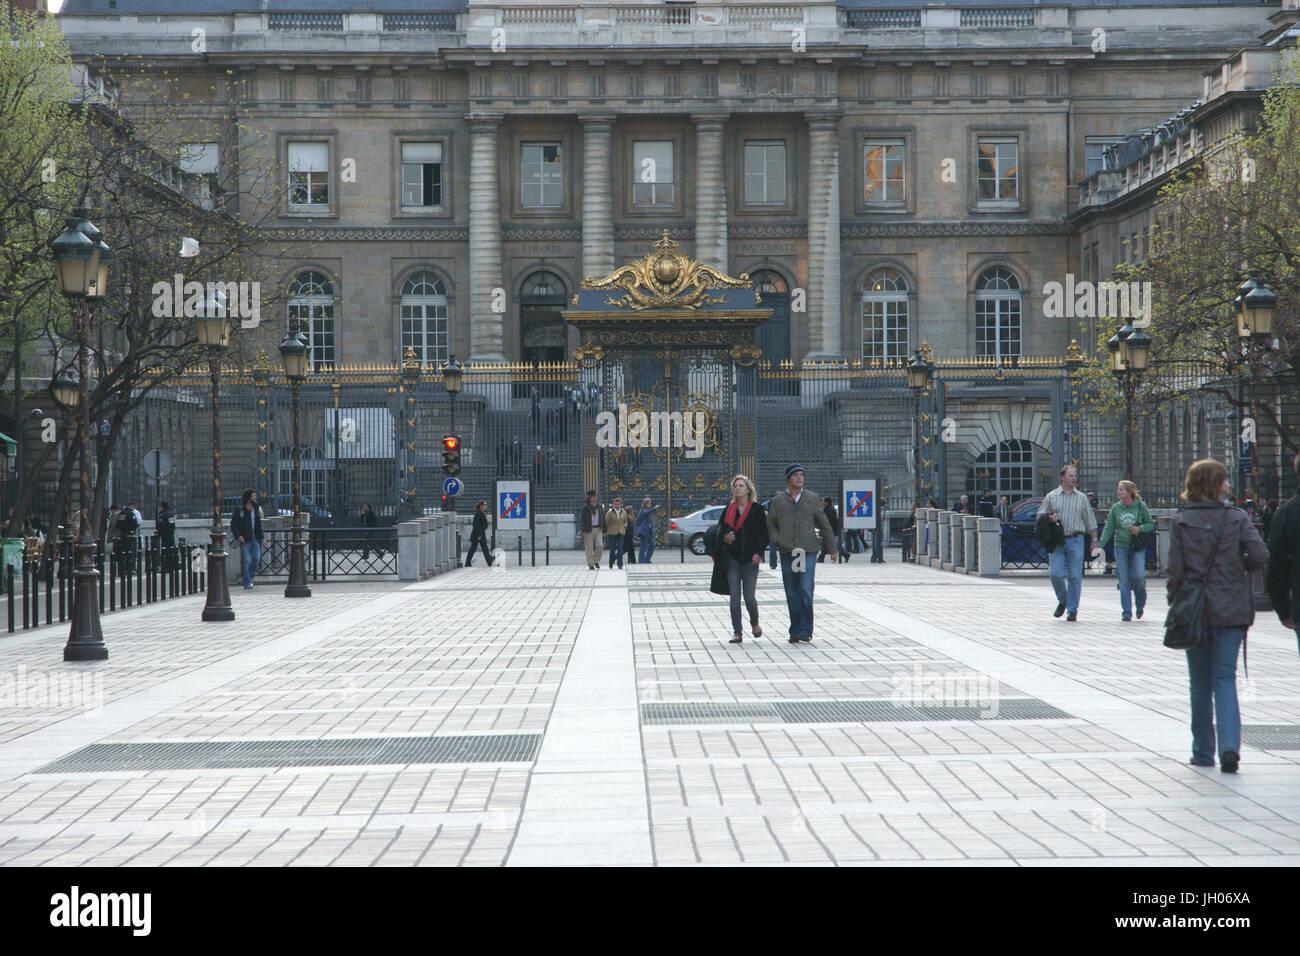 Ciudad, Plaza, el Palacio de Justicia, la ue de Lutèce, 4ème arrondissement, (75004), Paris, Francia Imagen De Stock